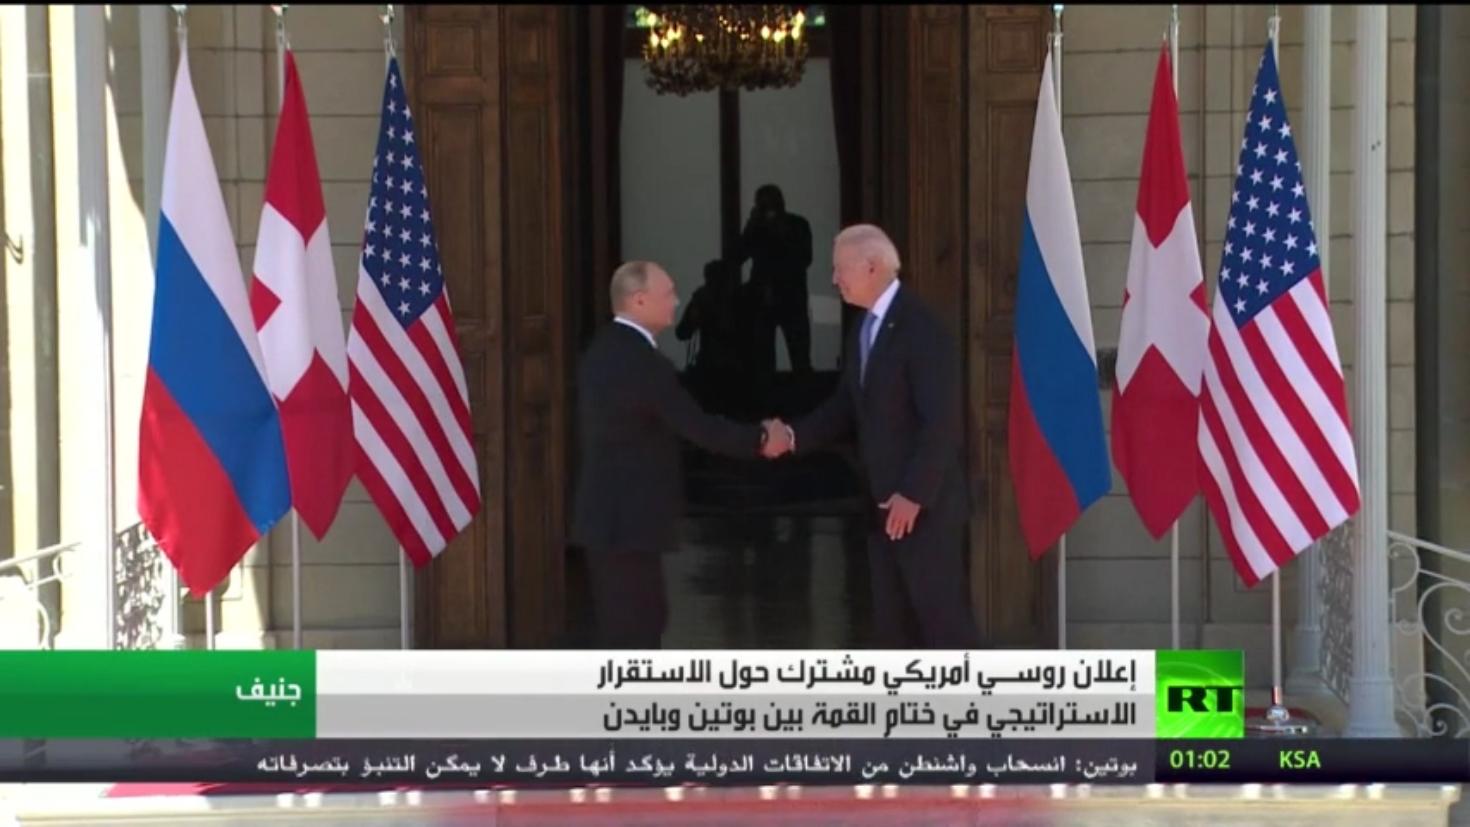 بوتين وبايدن يتفقان على عودة سفيري البلدين